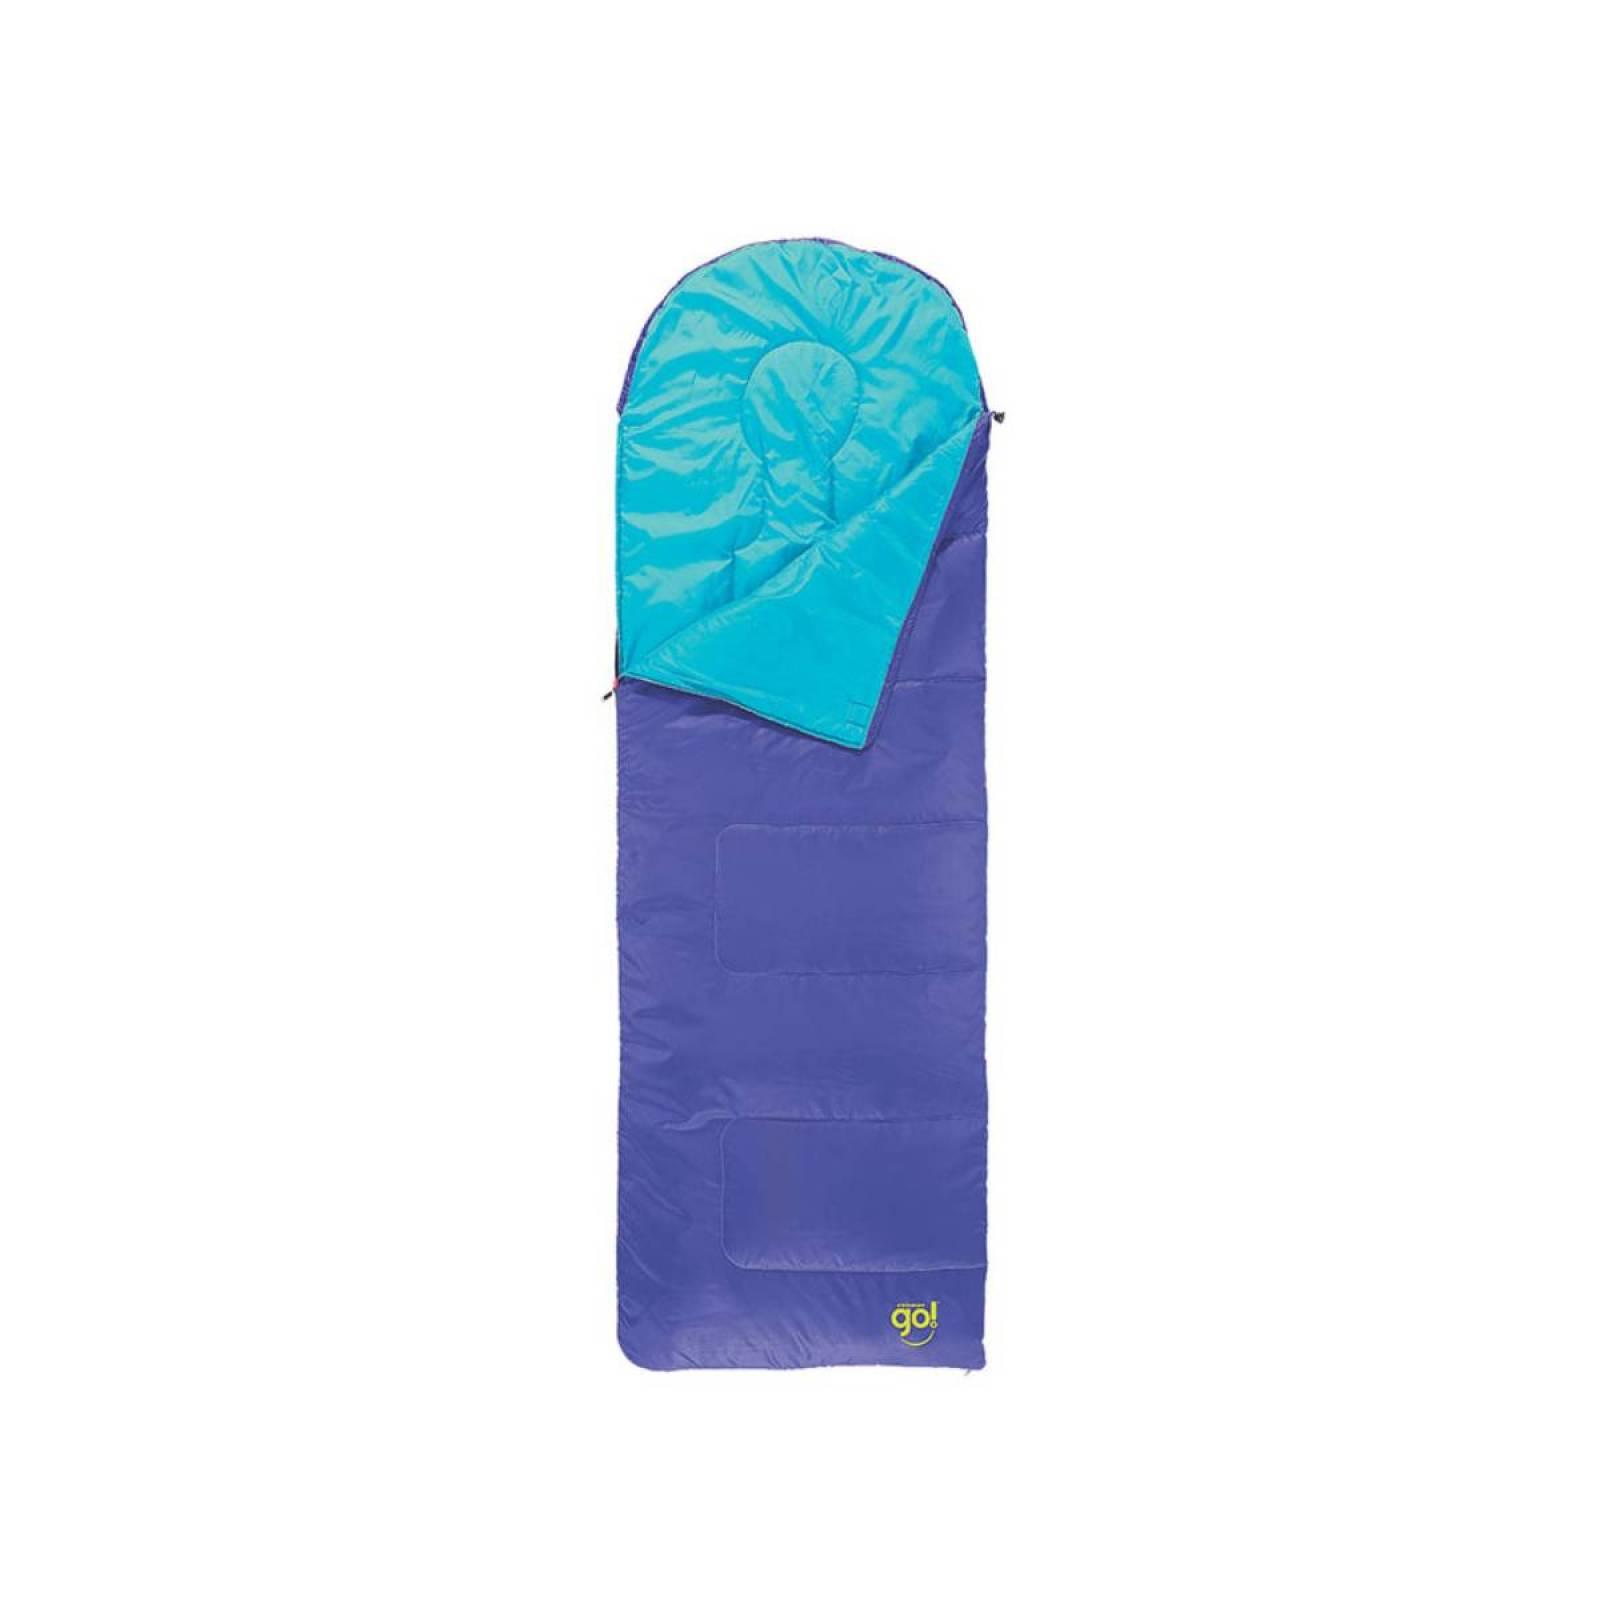 Bolsa Saco de Dormir Sleeping Bag Island GO Azul 2000022162 Coleman